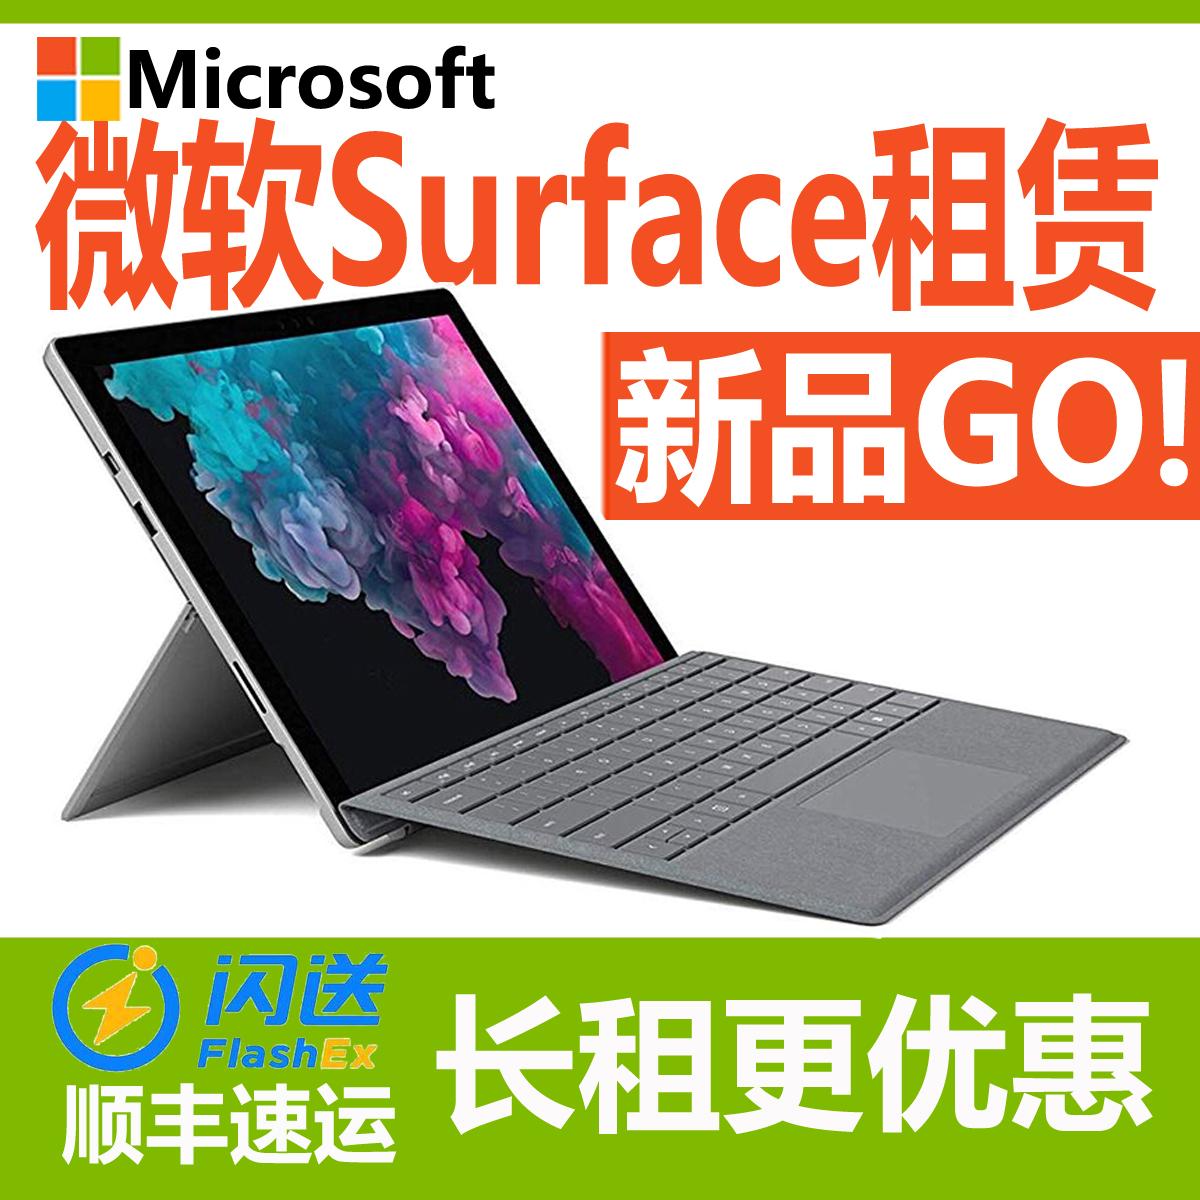 便携笔记本电脑租赁win10寸平板电脑出租10GO4ProSurface微软